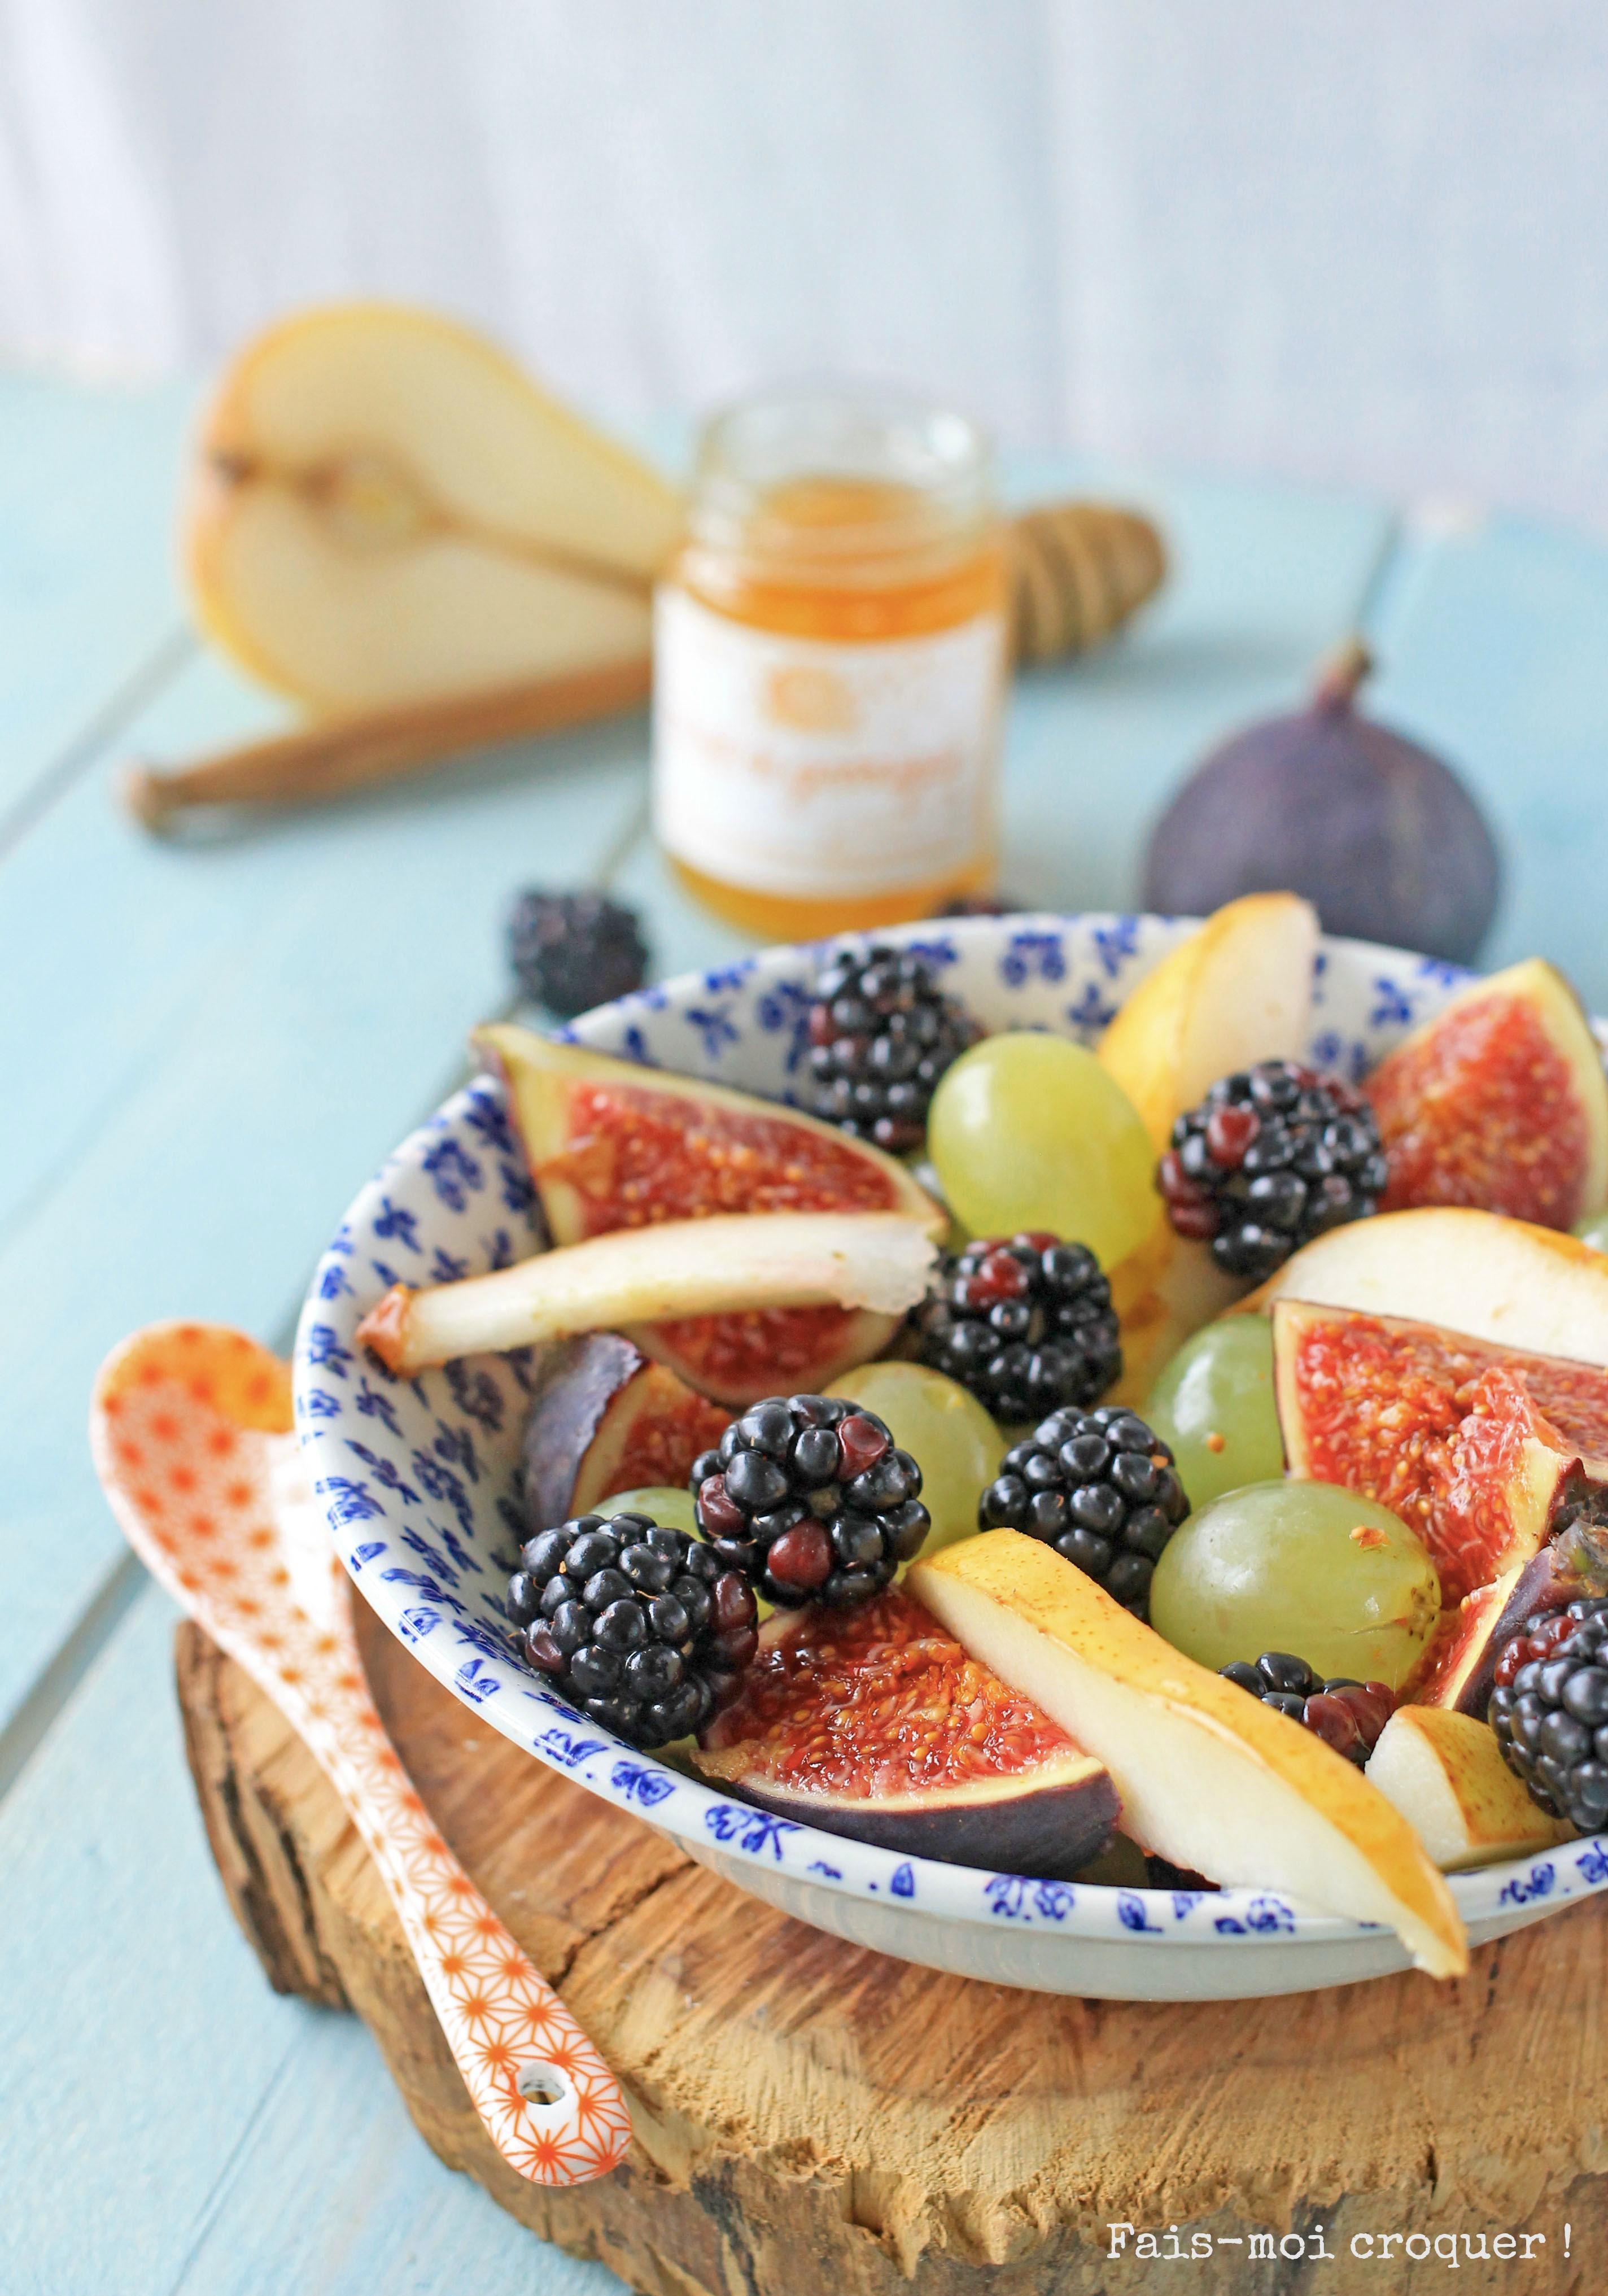 salade de fruits d'automne, figues, raisin, poire et mûres